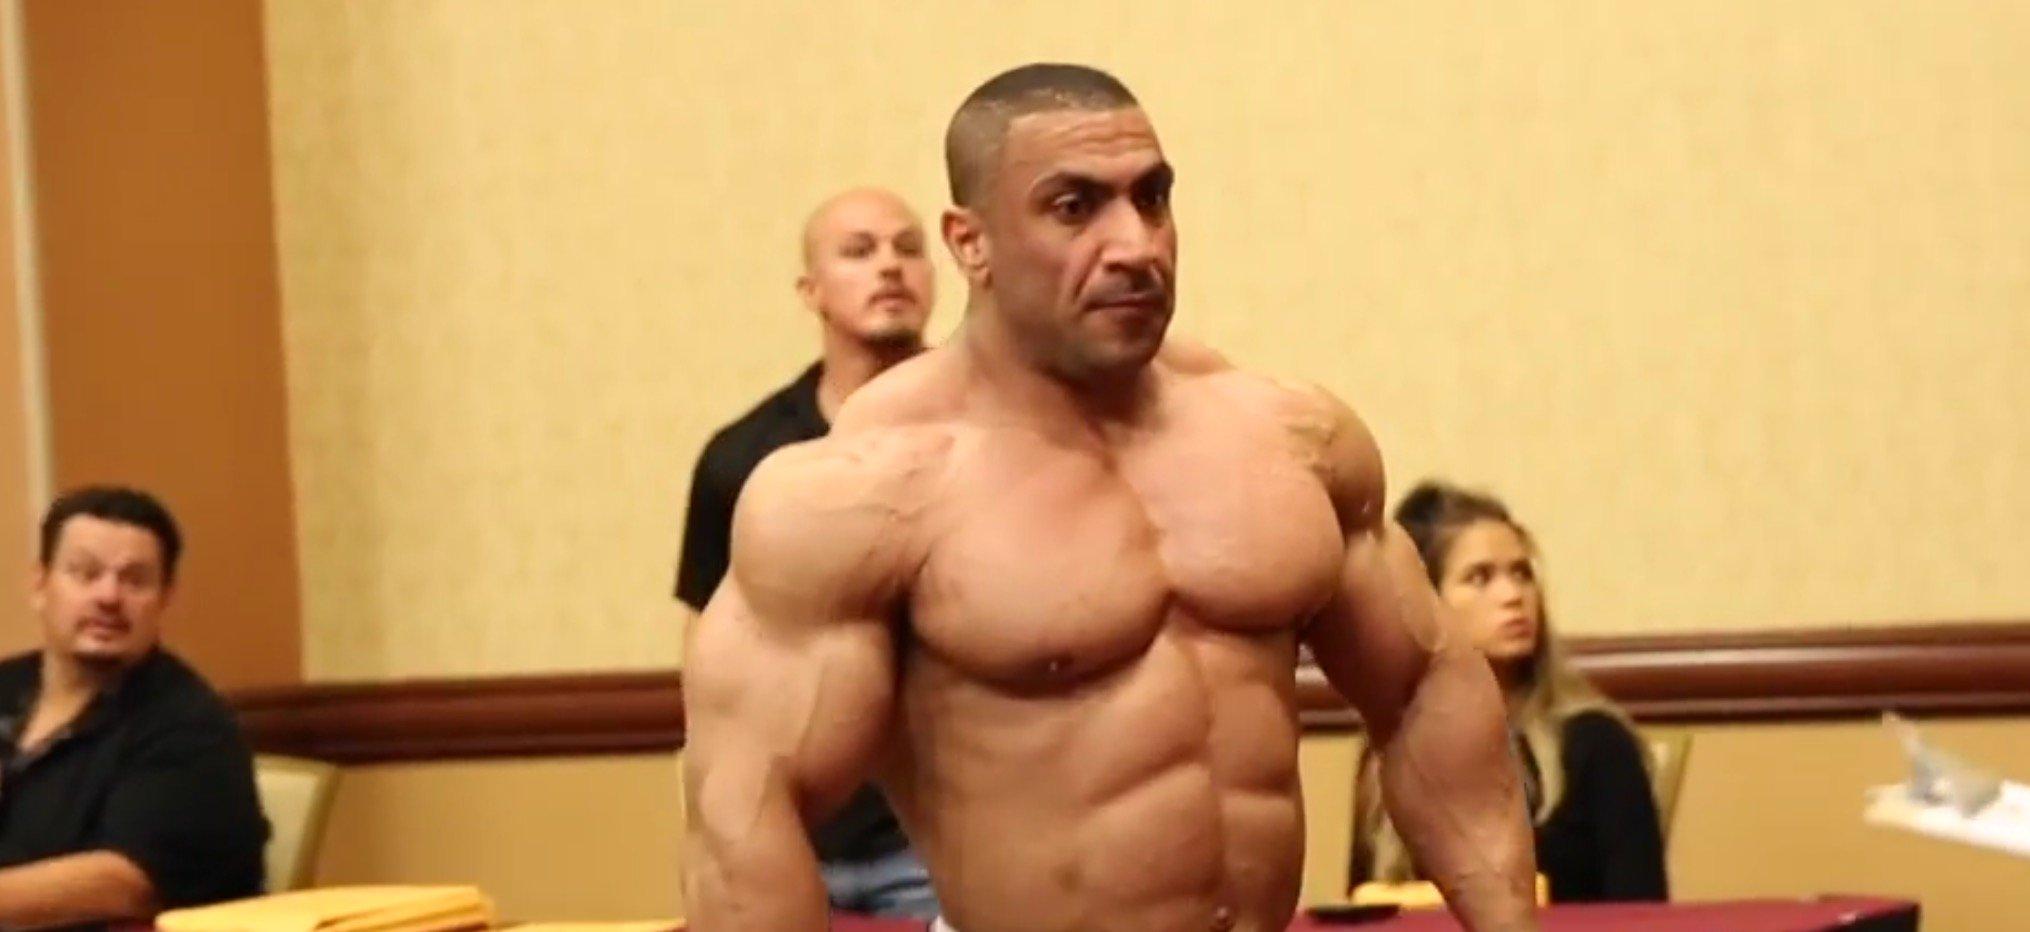 2017 IFBB 212 Bodybuilding